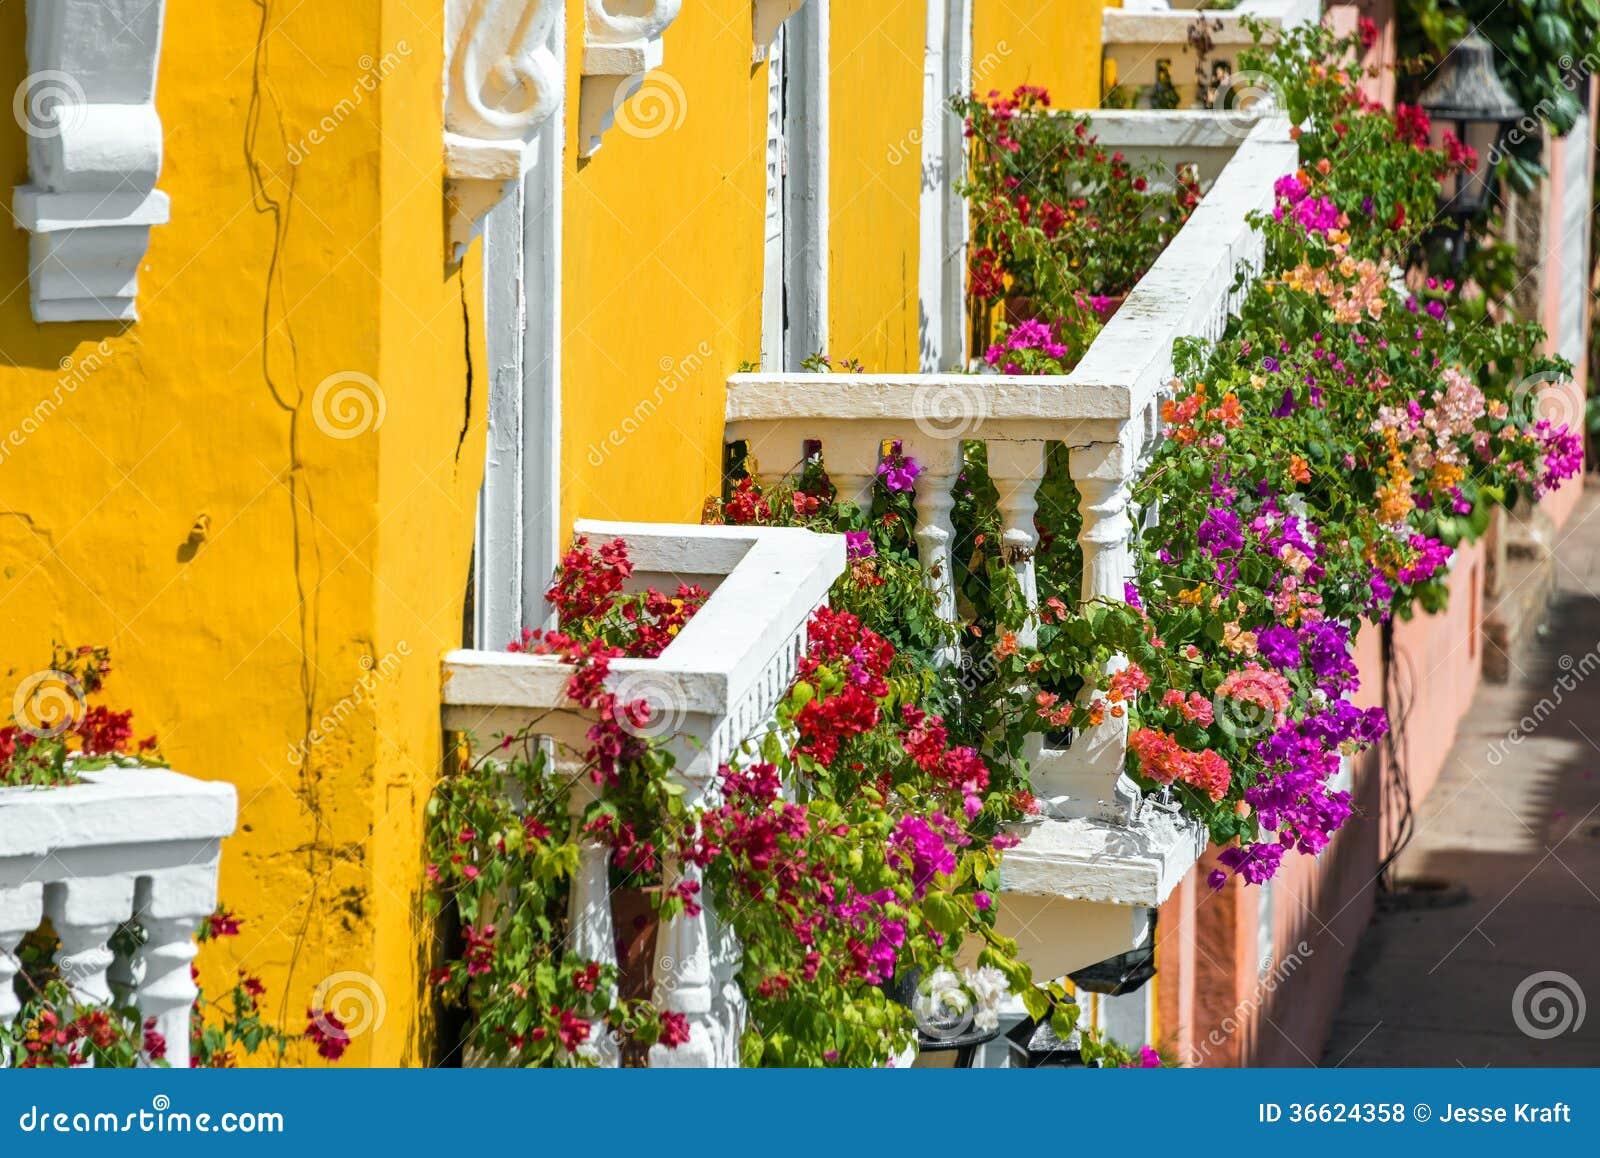 Красочные балконы